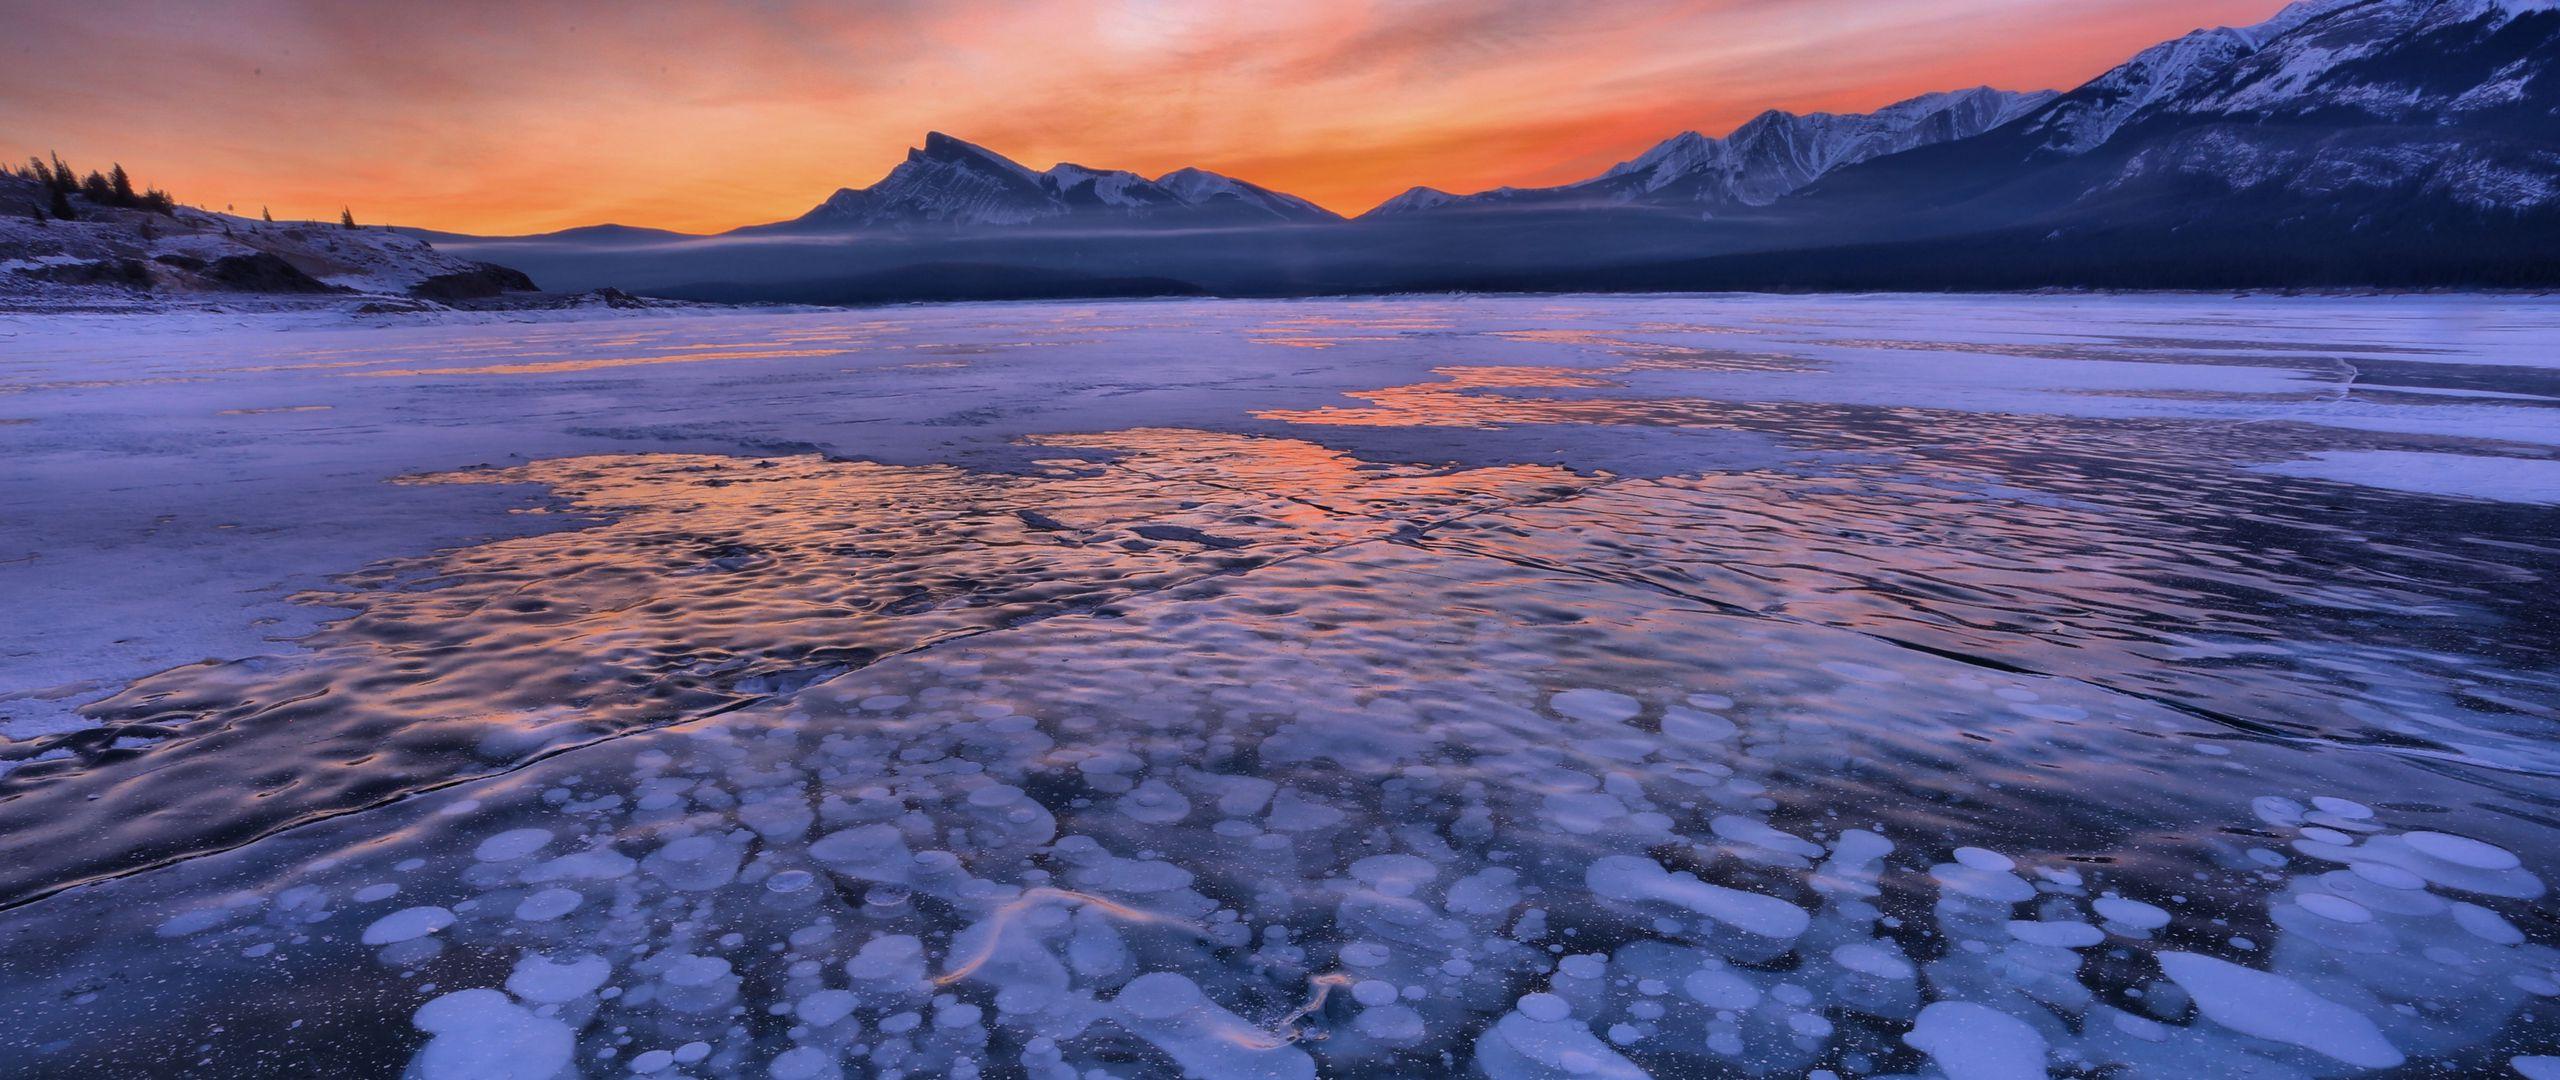 Wallpaper Sunset at frozen lake